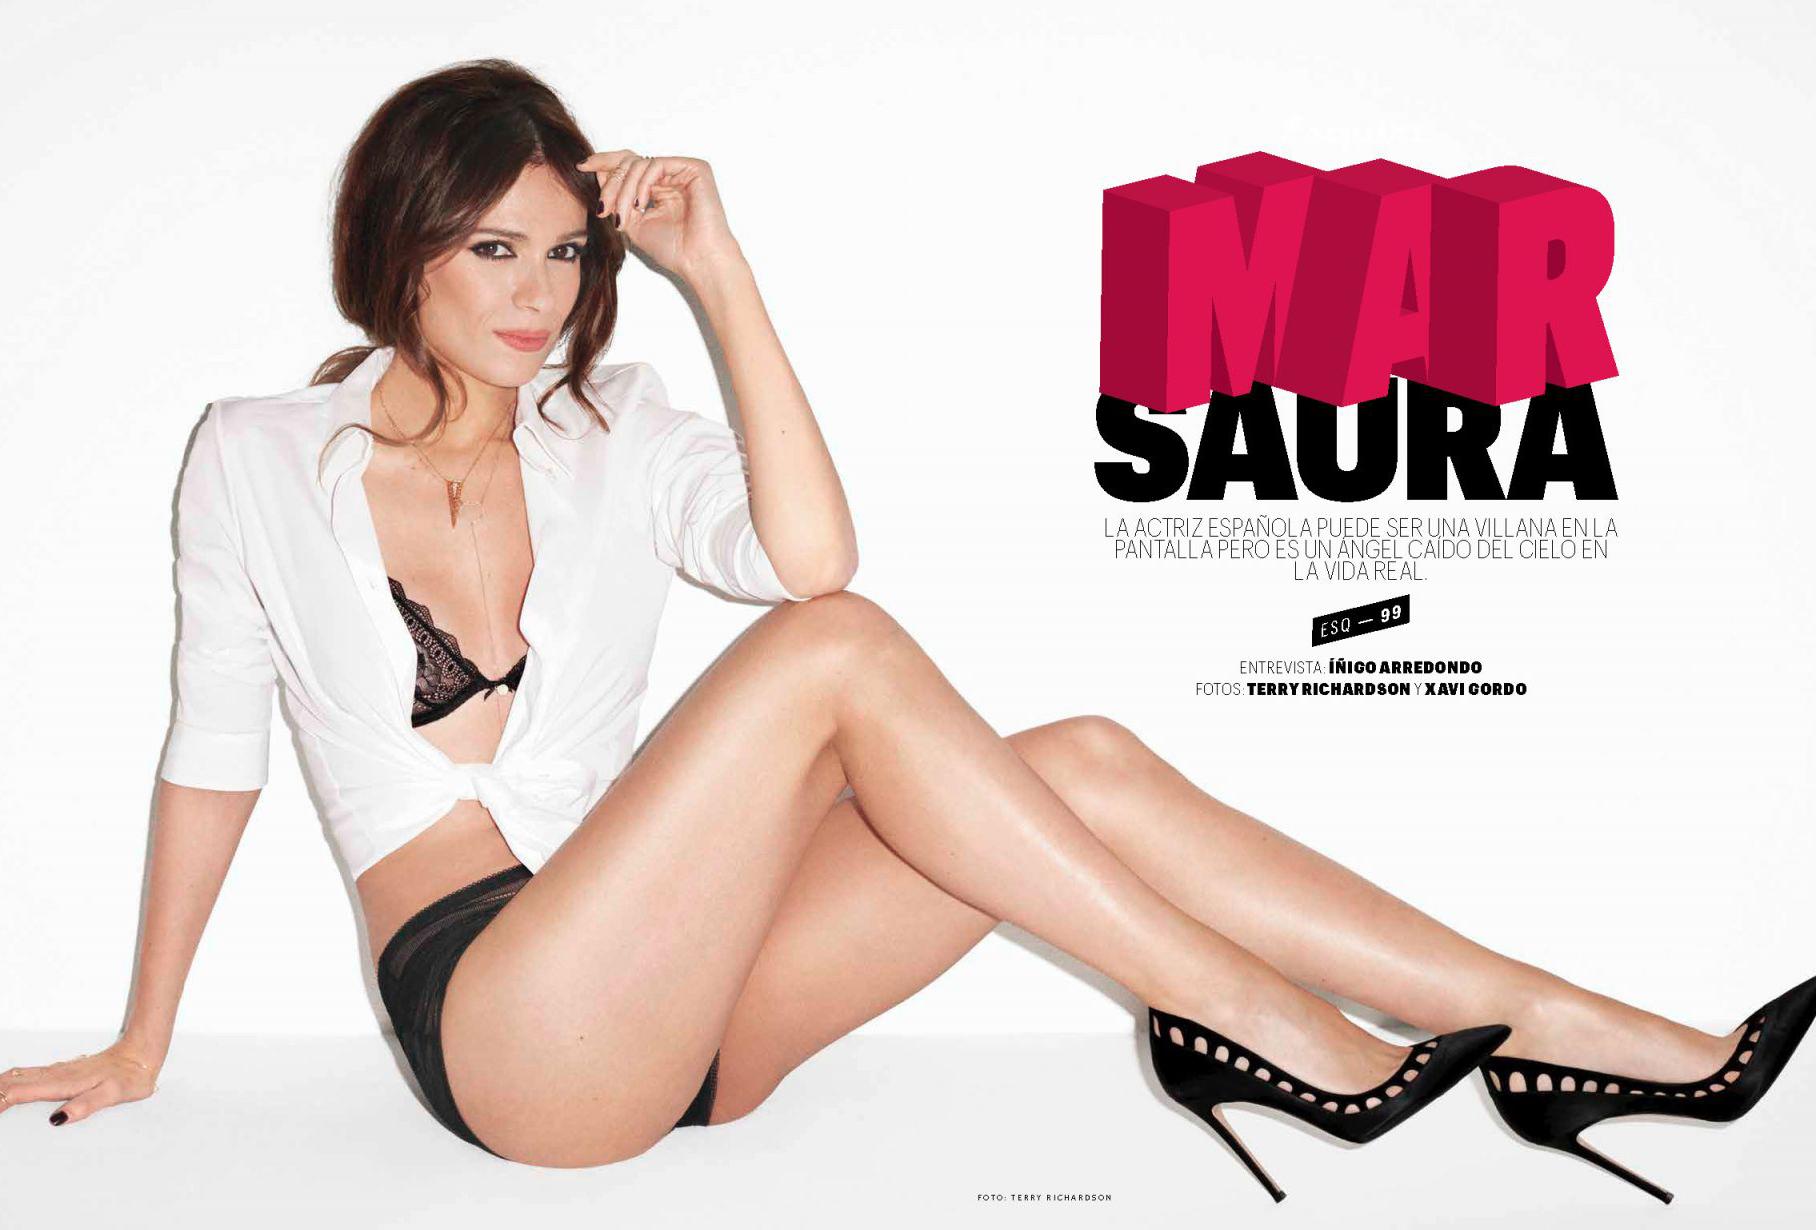 see through Hot Mar Saura naked photo 2017